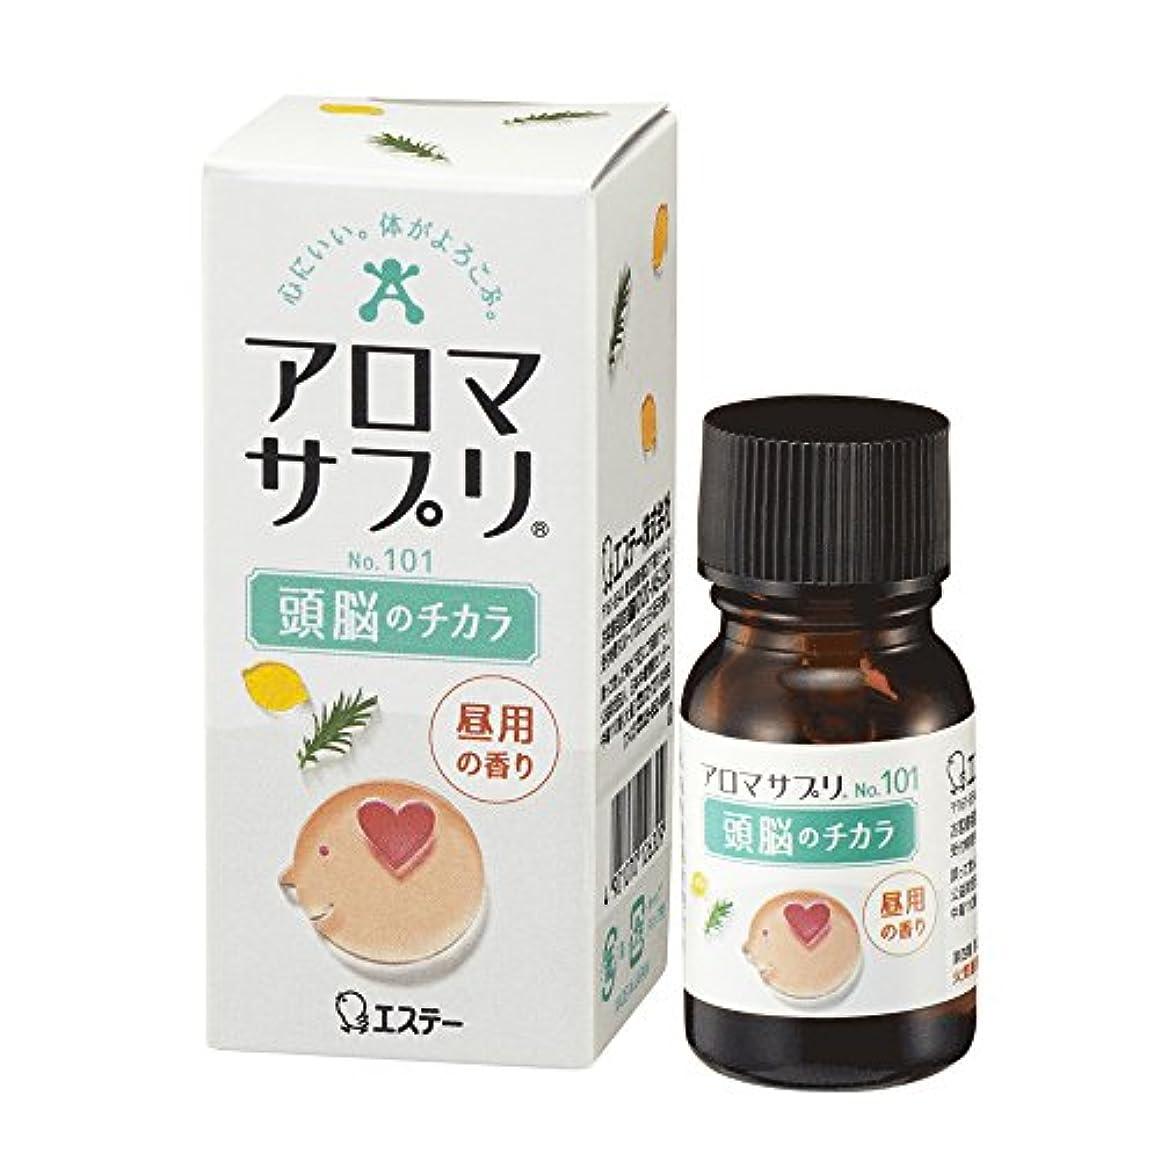 絶えず伝統簡潔なアロマサプリ 100%天然ブレンドアロマ 頭脳のチカラ 昼用の香り ローズマリーカンファー&レモン 10ml (約60回分)